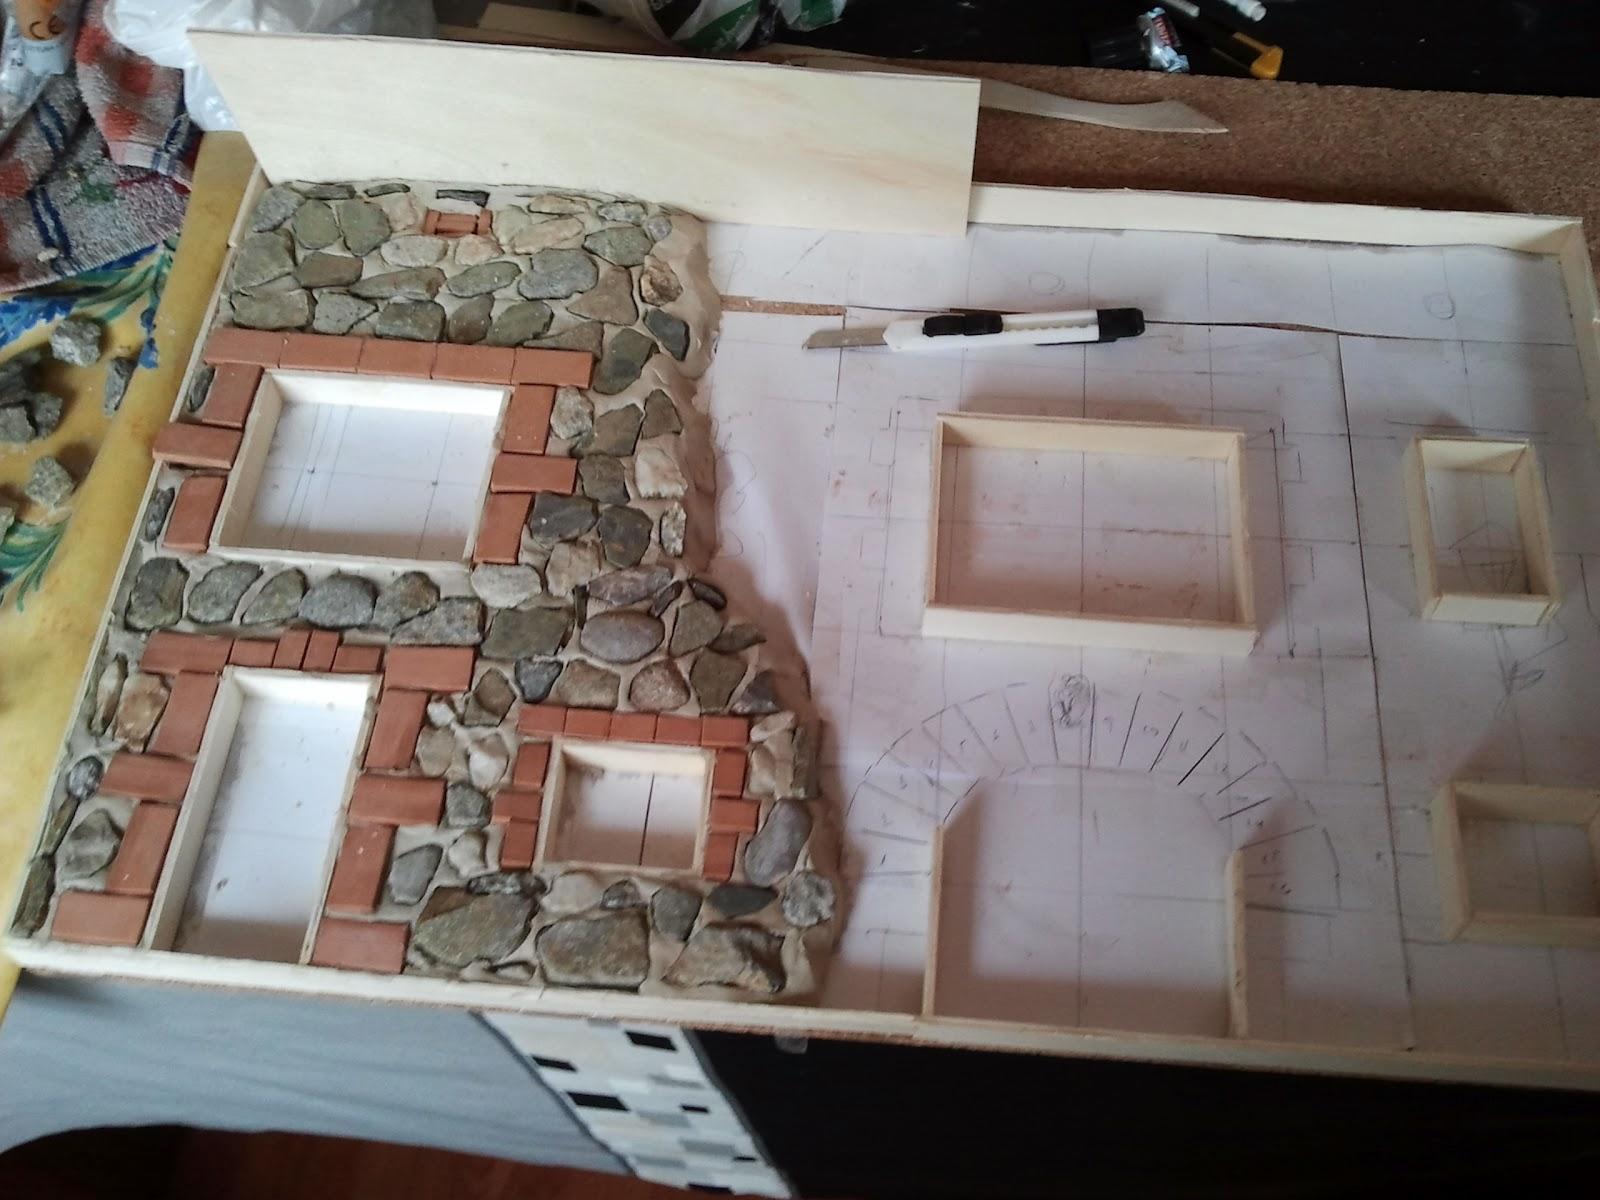 Creaciones y manualidades mi hobby manualidades fachada - Cuadros hechos con piedras de playa ...